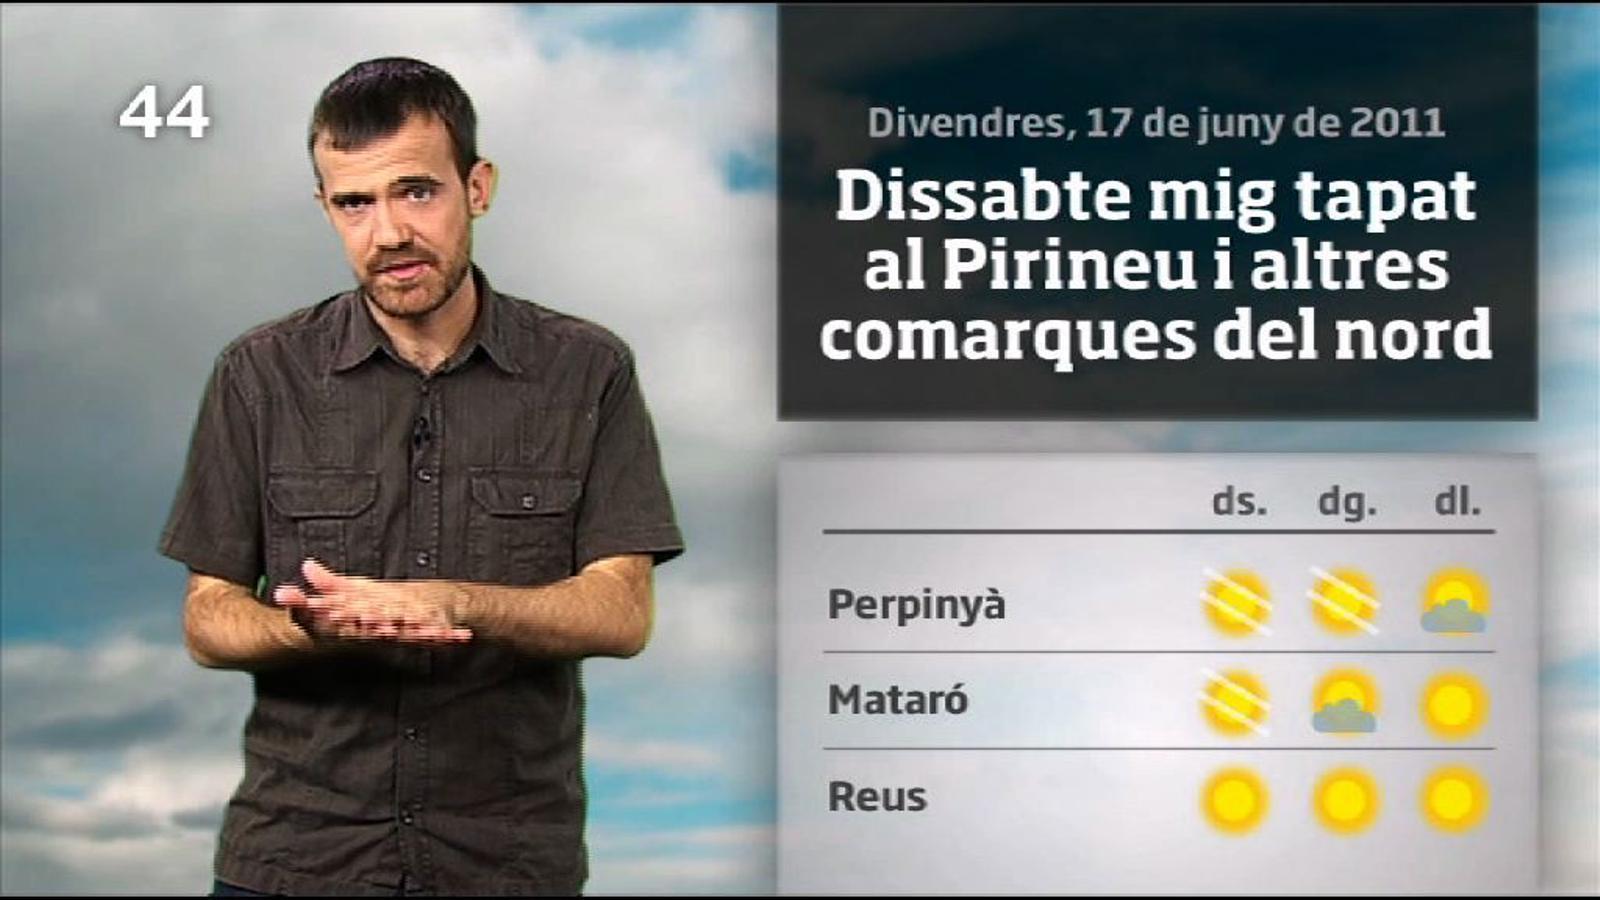 La méteo en 1 minut: més sol que núvols i menys calor (17/06/2011)